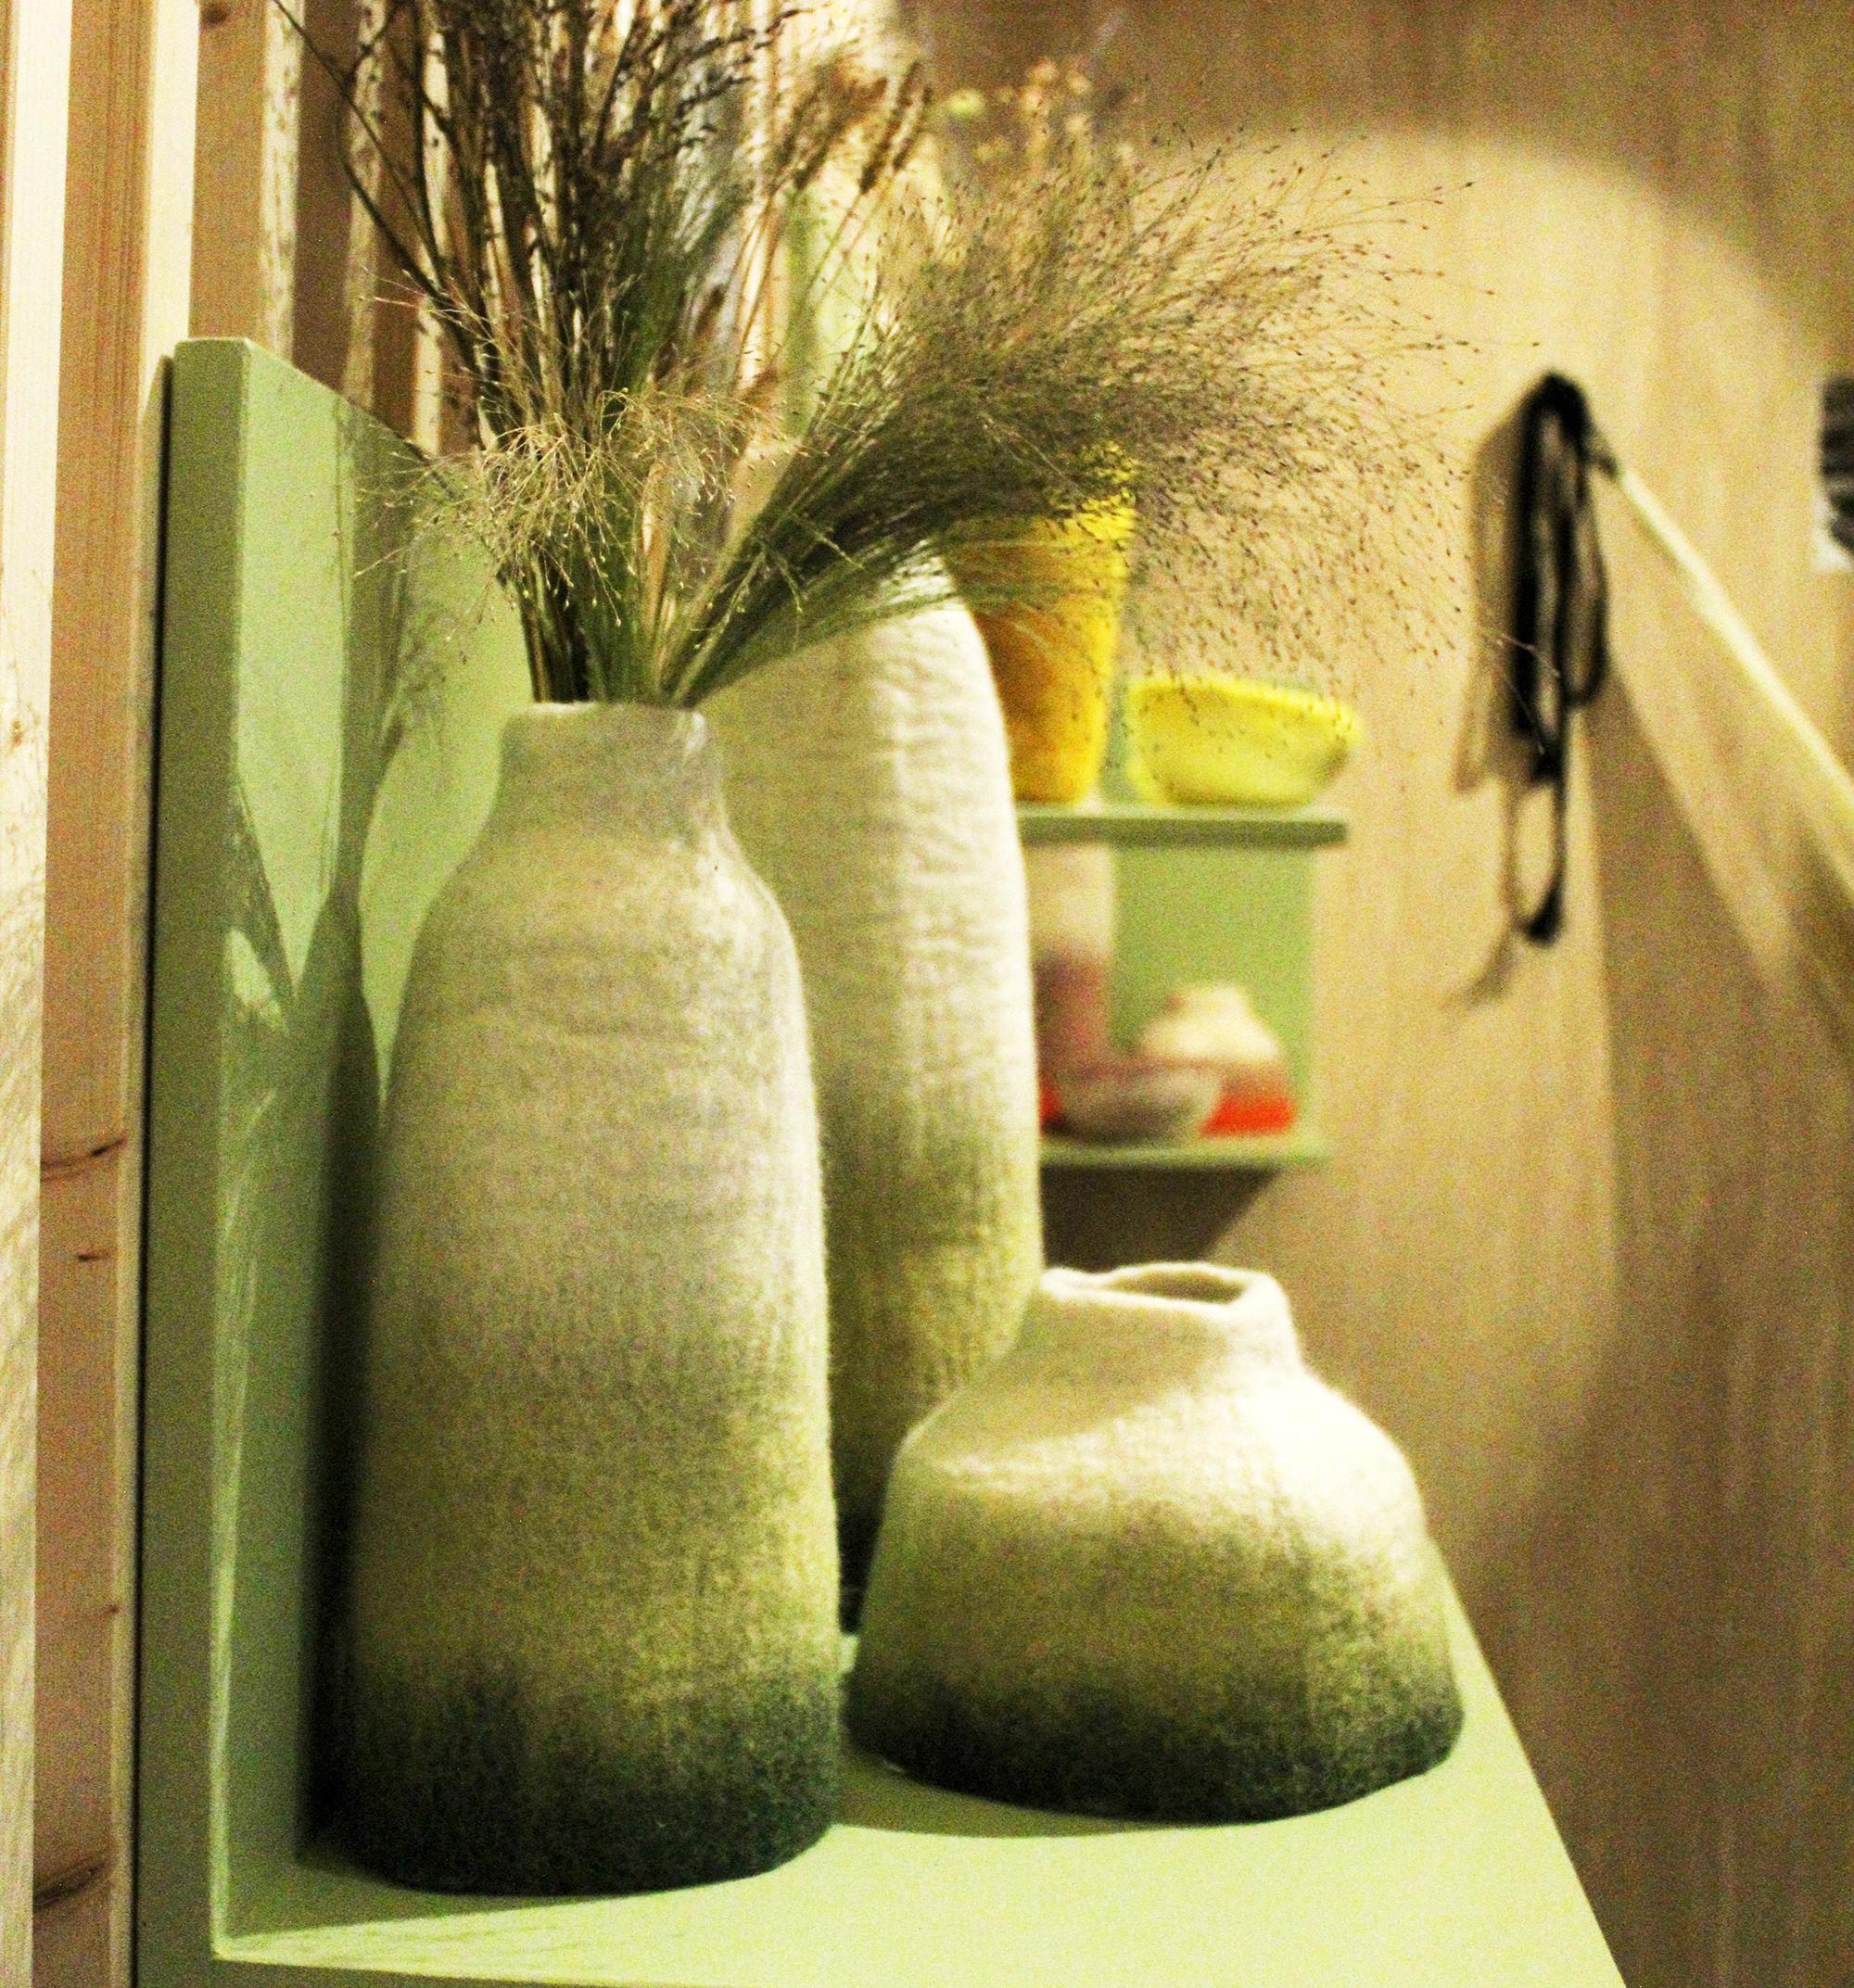 Une série de vases en feutre de laine récupérée - Espace Virtuous Nelly Rodi - Maison & Objet 2018